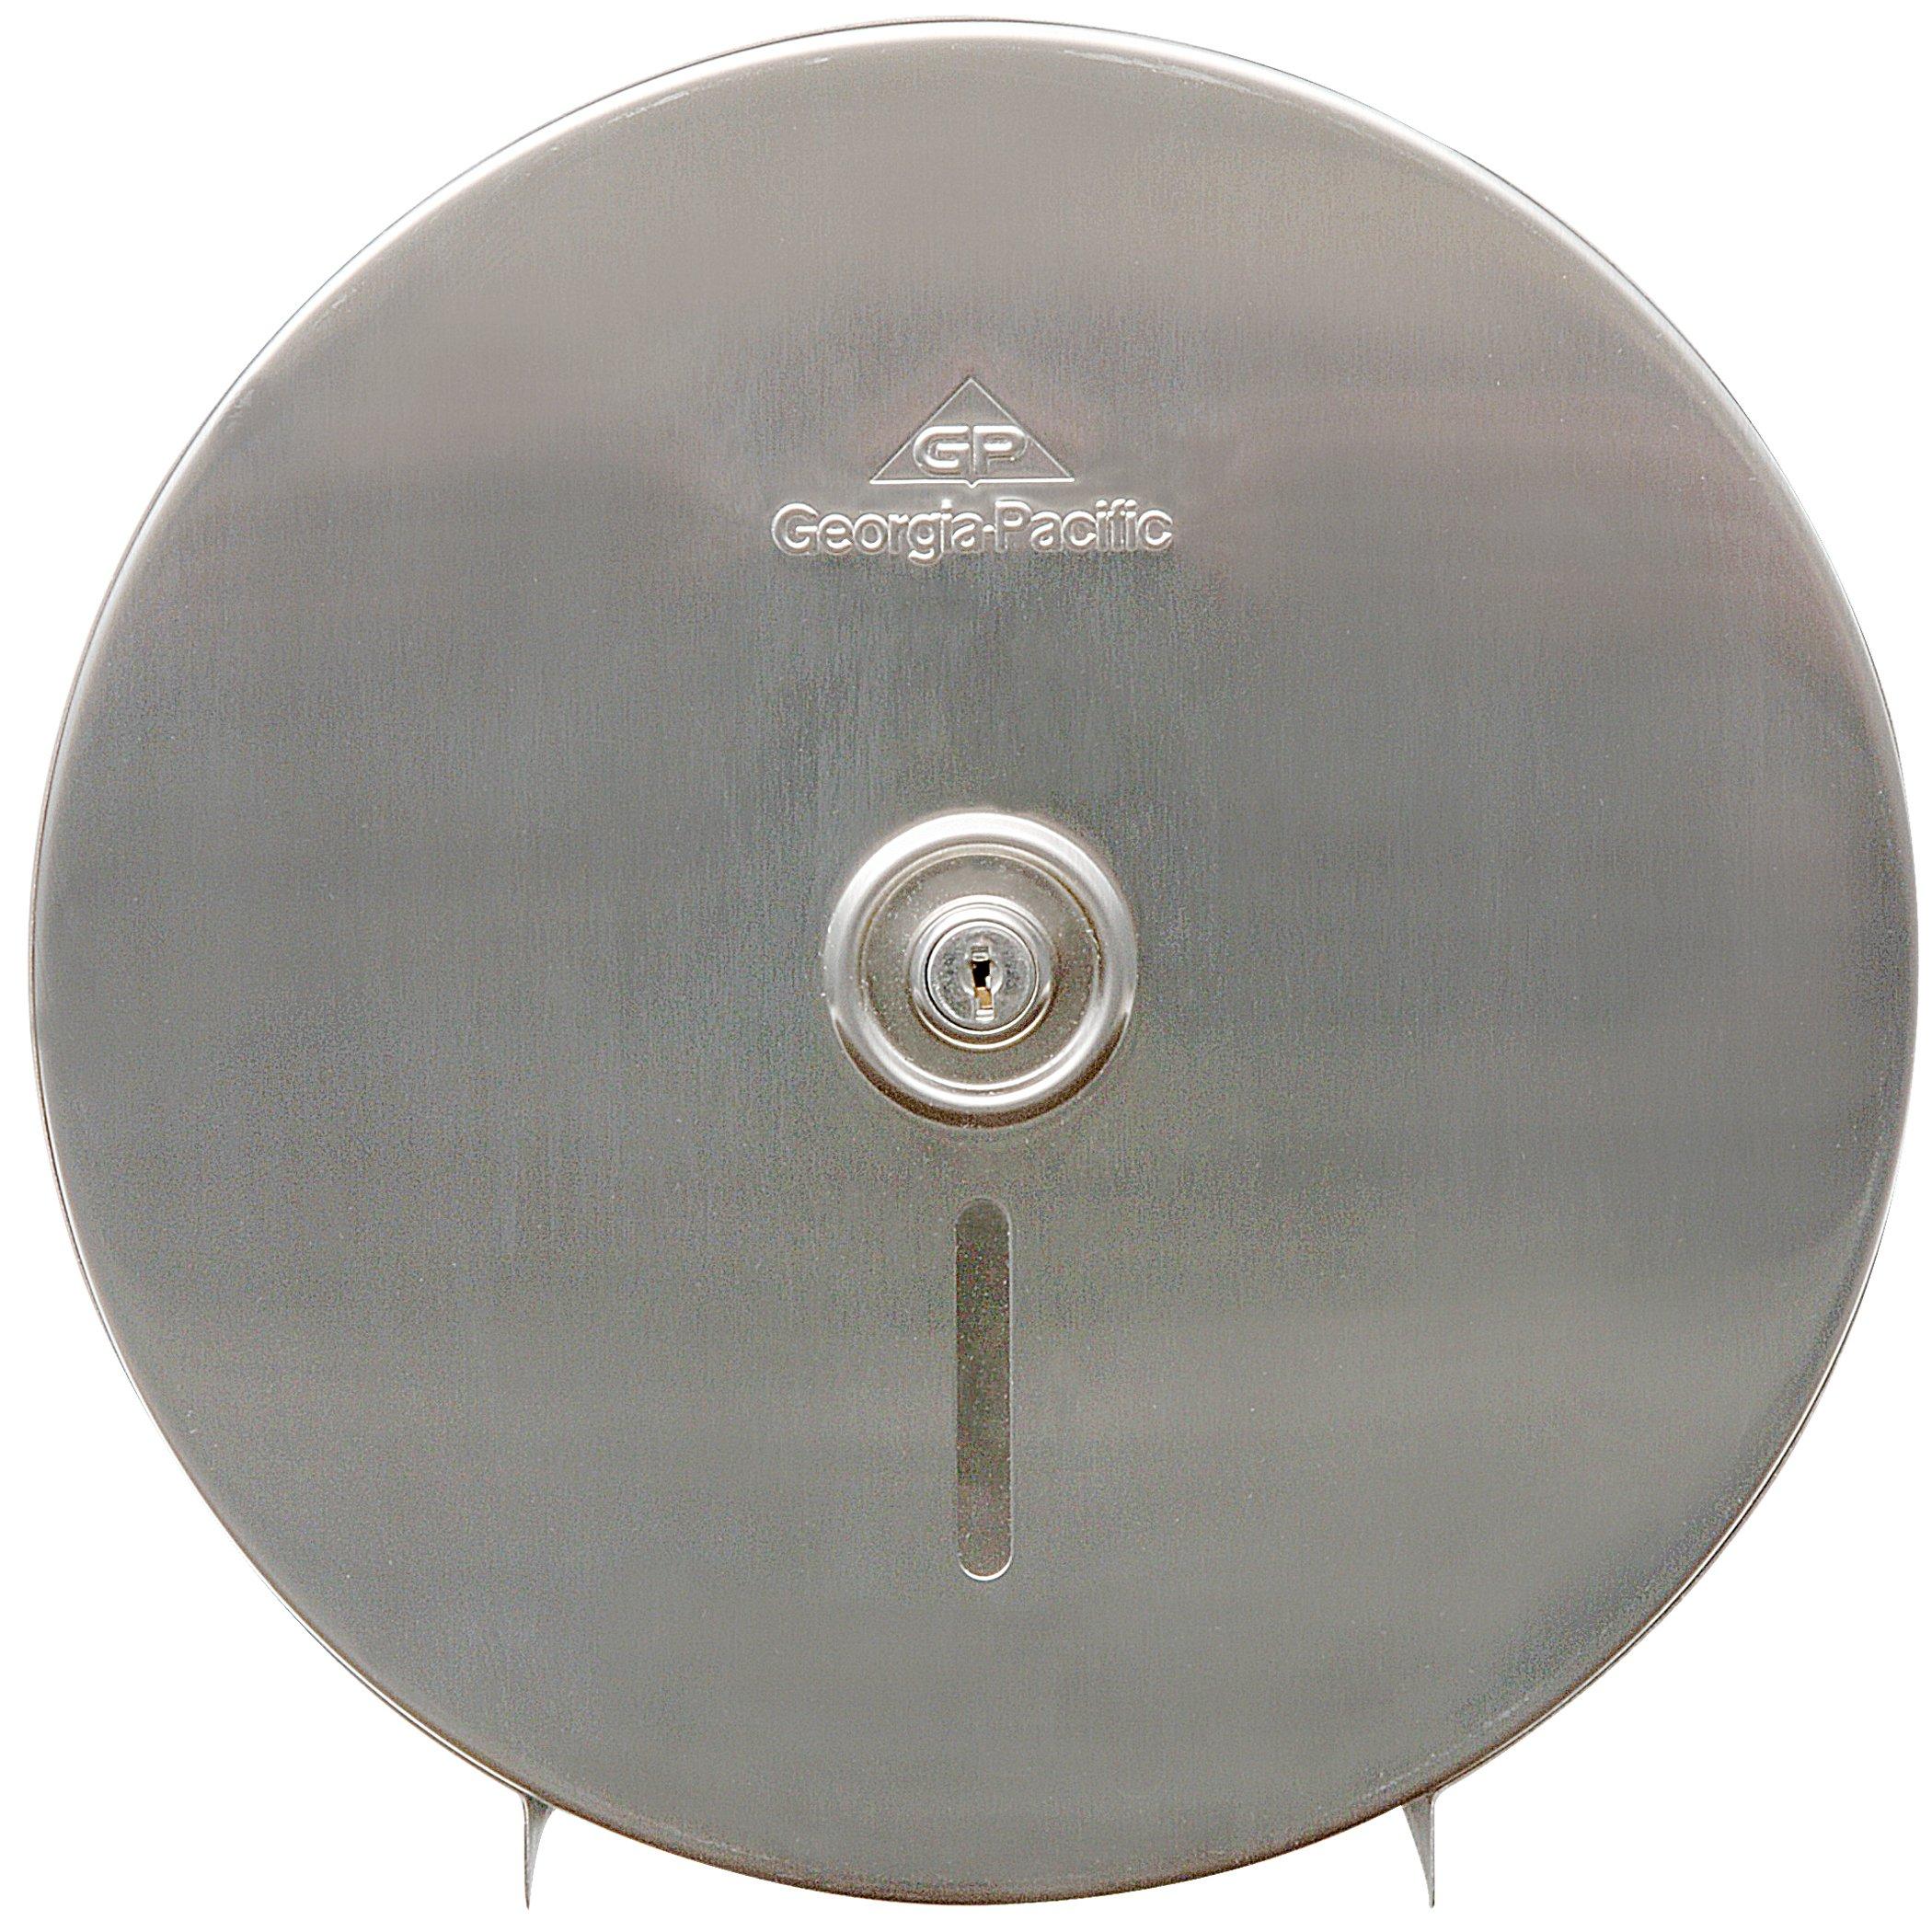 Georgia-Pacific 59448 Bathroom Tissue Dispenser